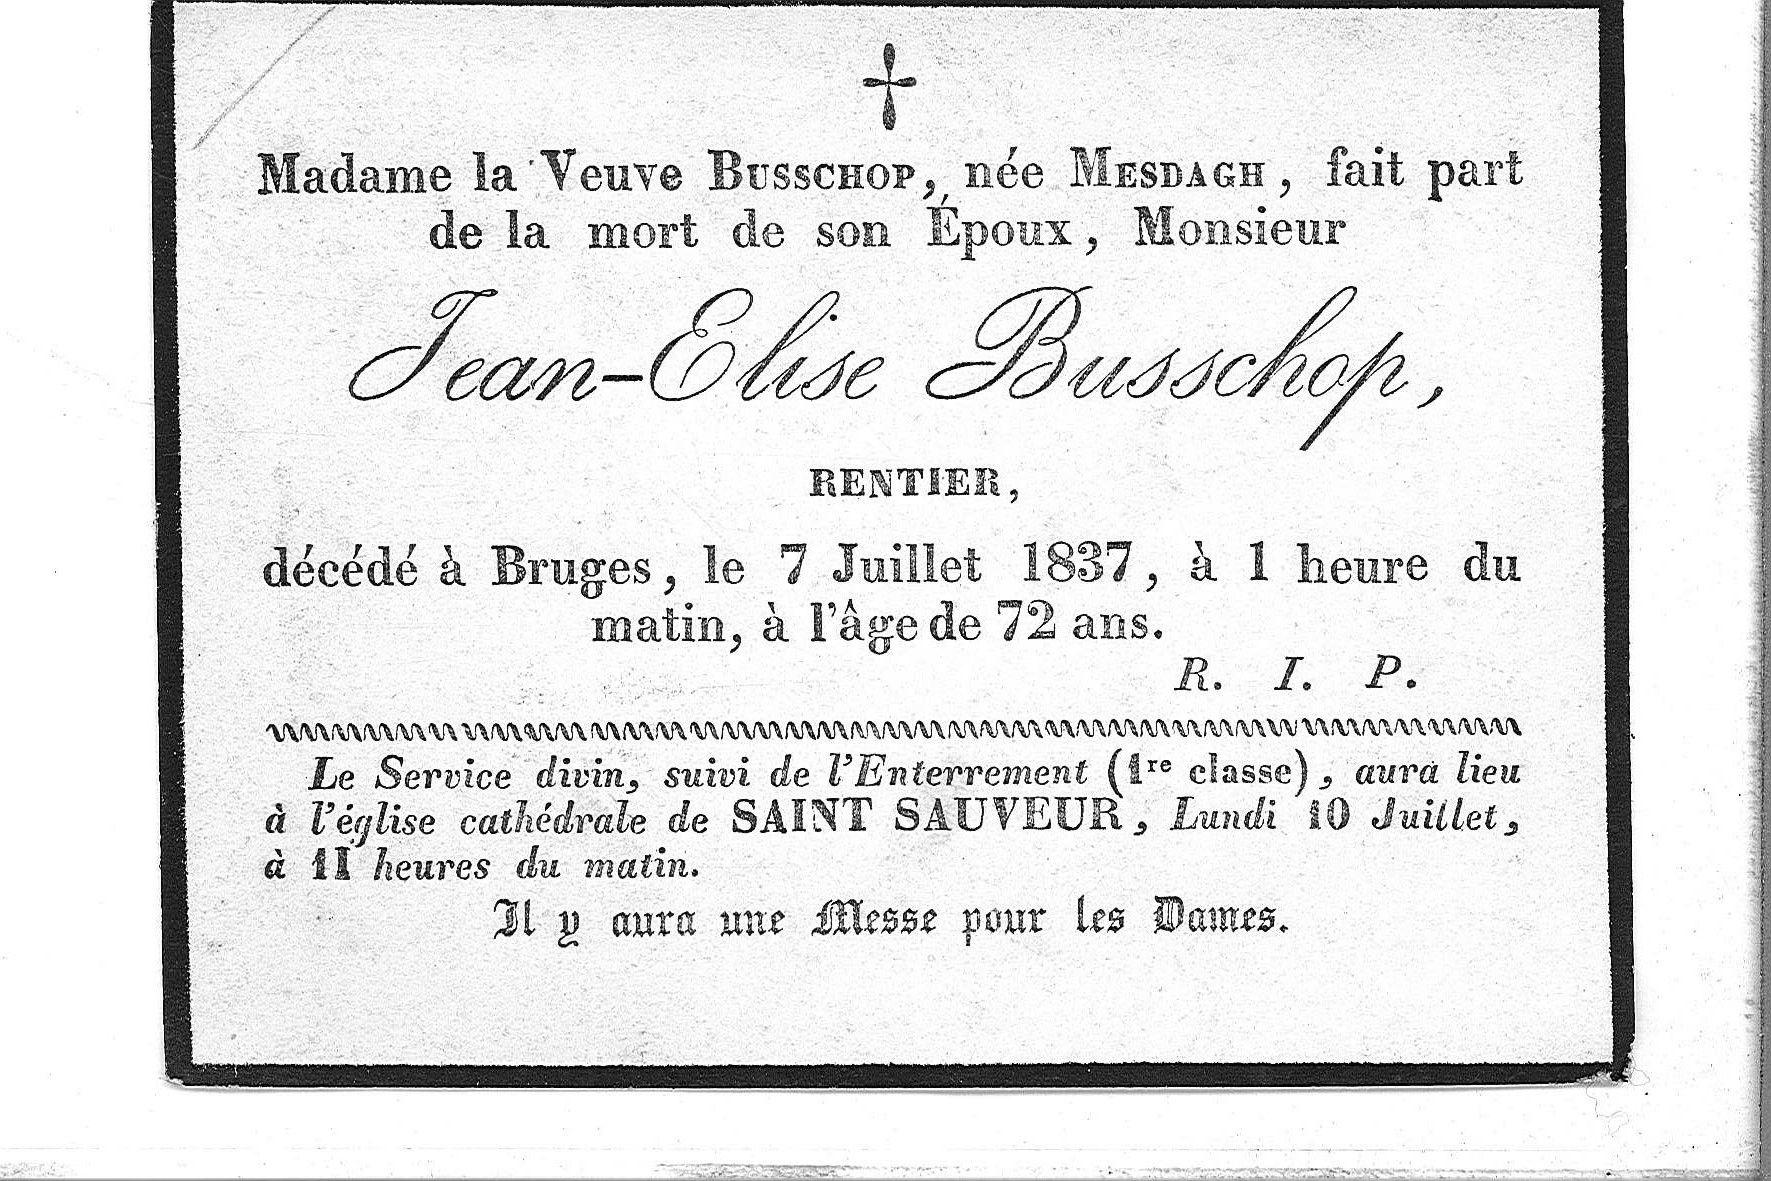 Jean-Elise-(1837)-20121031101435_00108.jpg